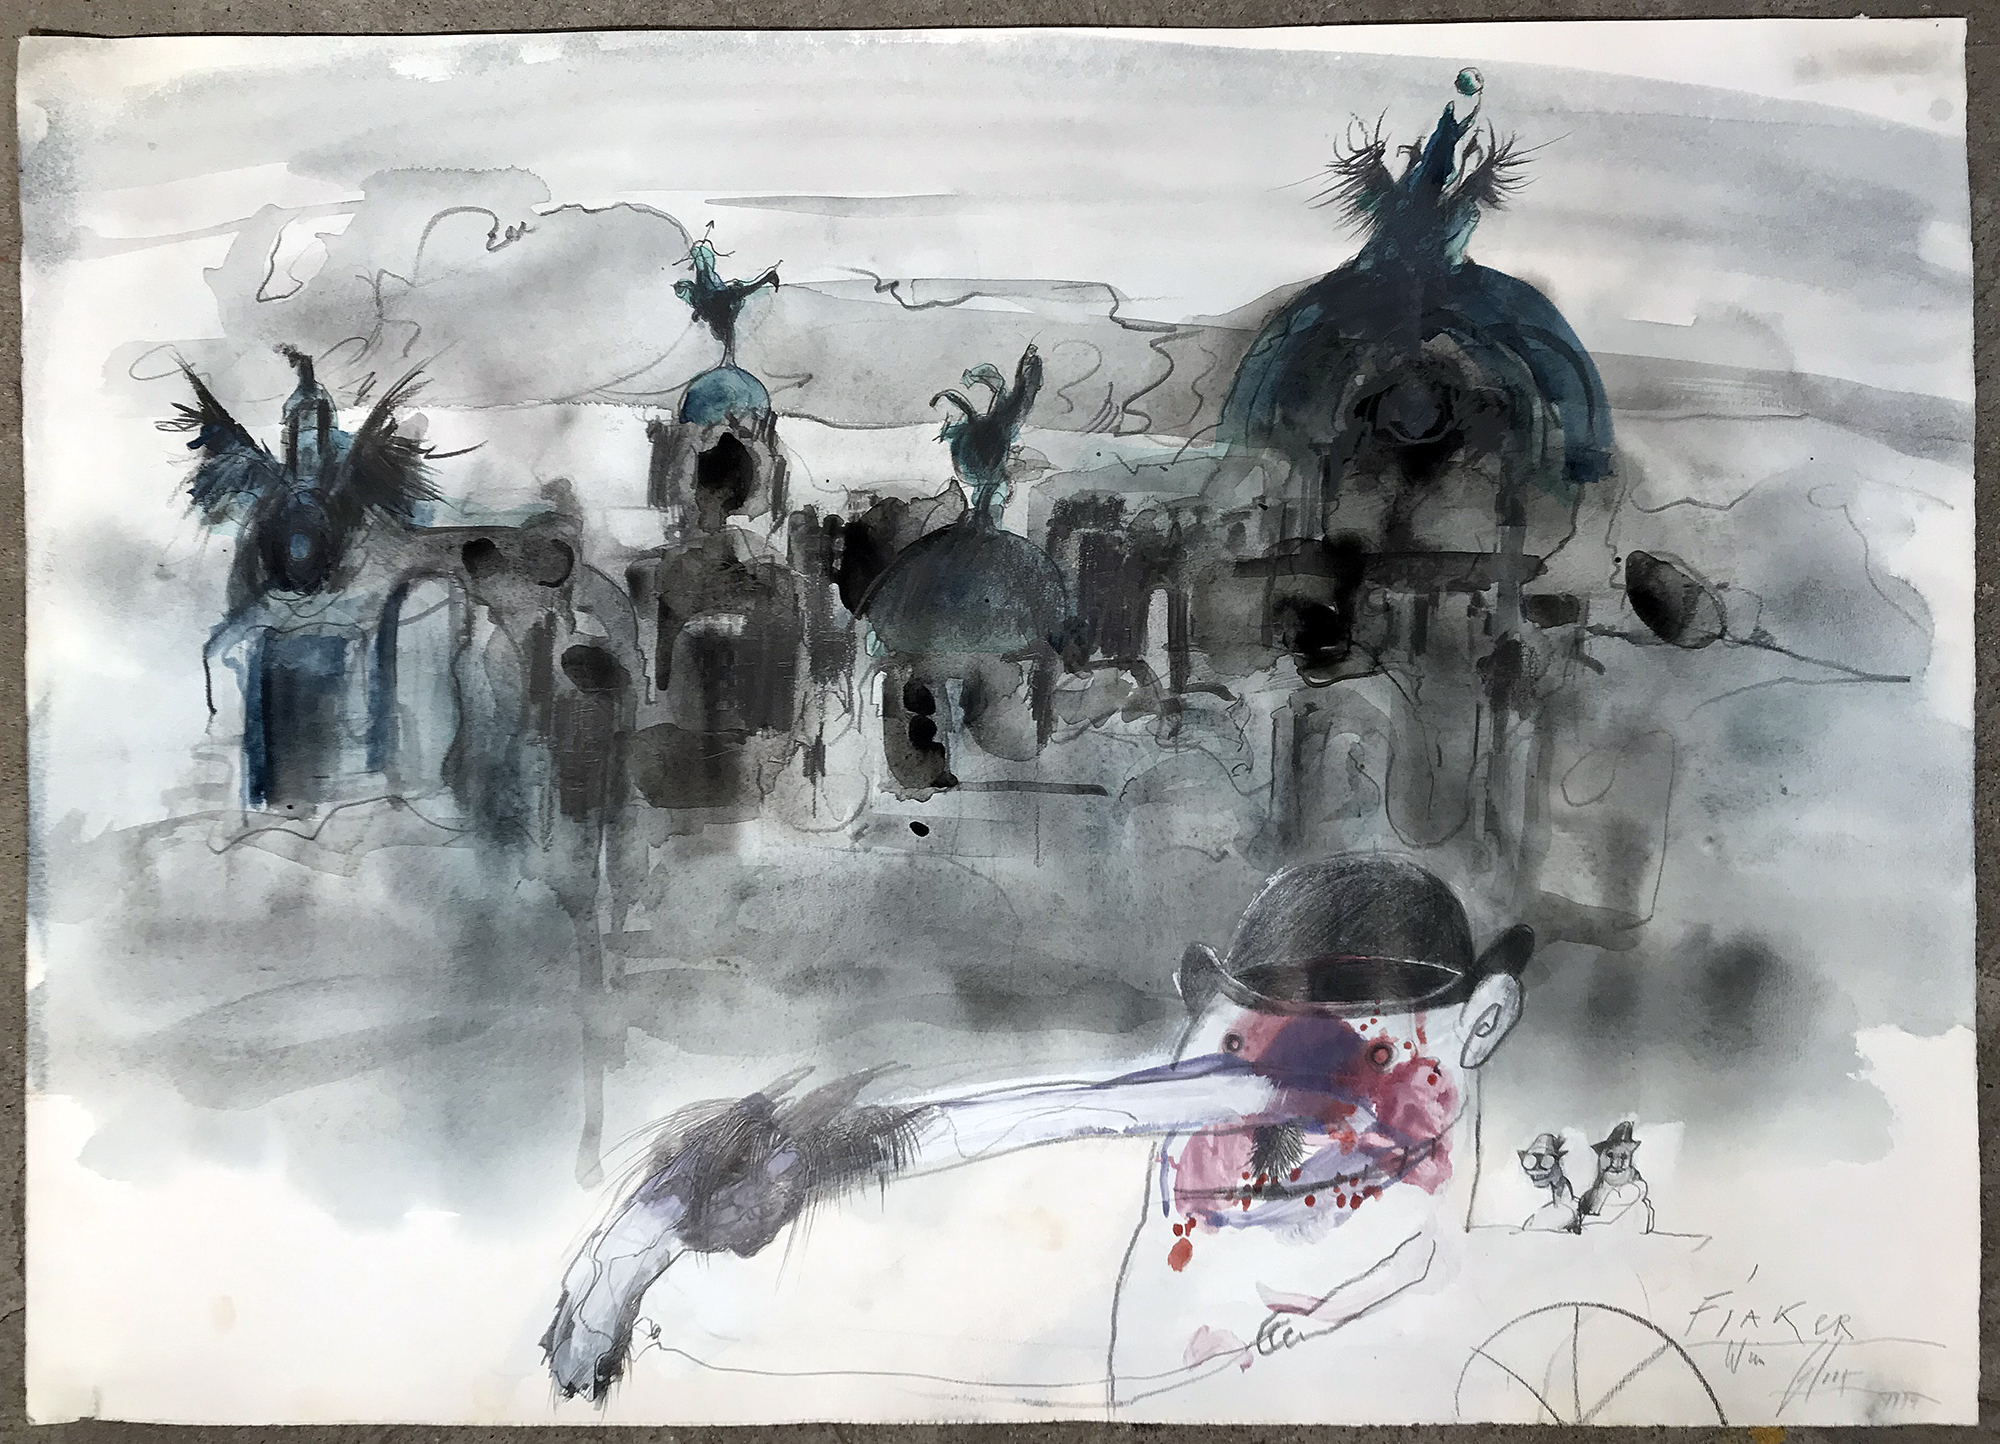 Fiaker, 1979, Mischtechnik auf Büttenpapier, 78 x 52 cm, ohne Rahmen